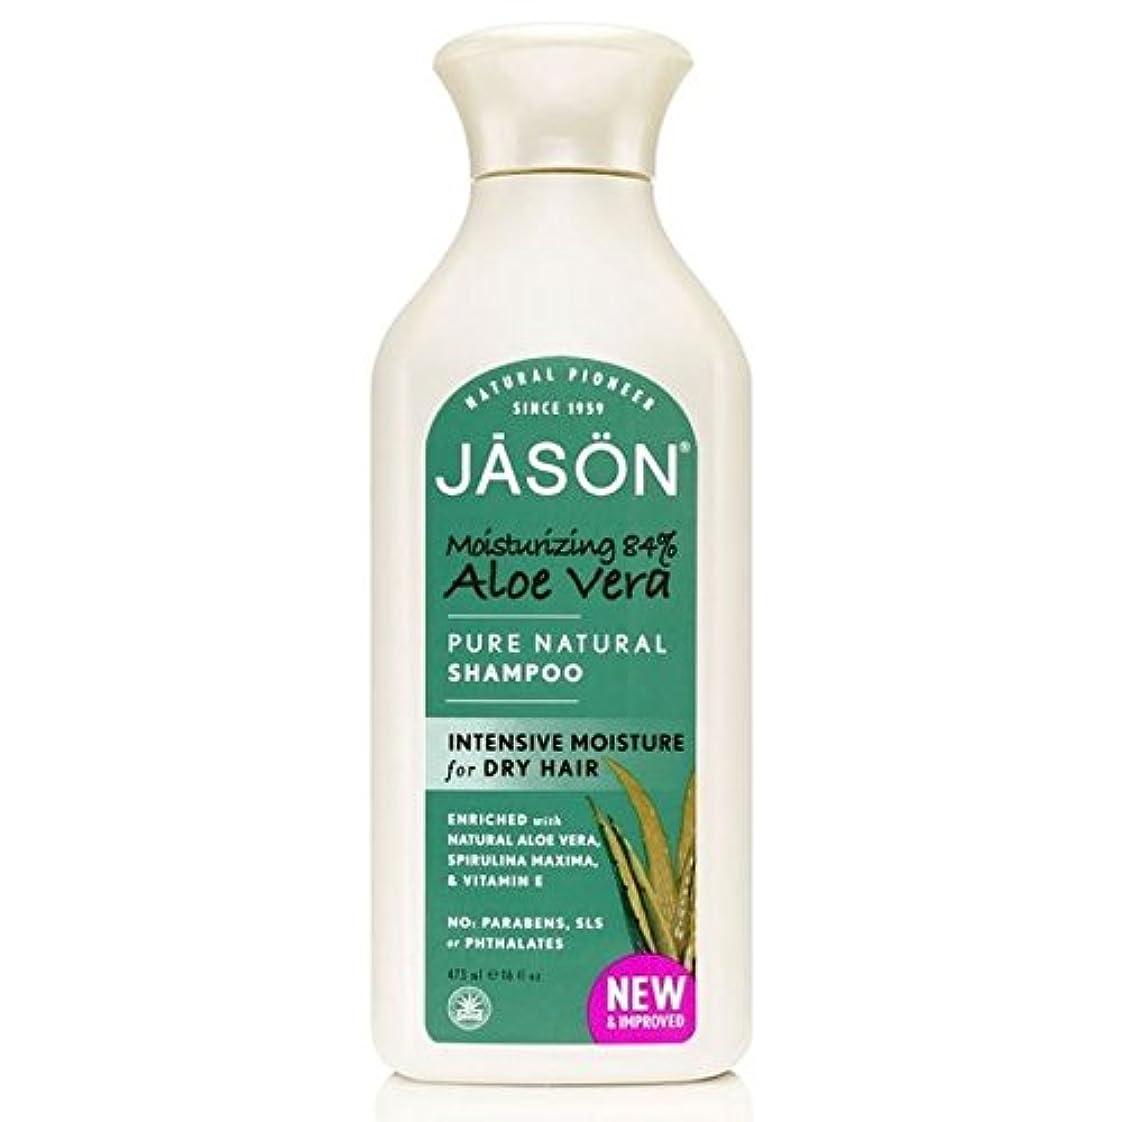 一般的に自然公園間Jason Aloe Vera 84% Pure Natural Shampoo 475ml - ジェイソンのアロエベラ84%の純粋な天然シャンプー475ミリリットル [並行輸入品]